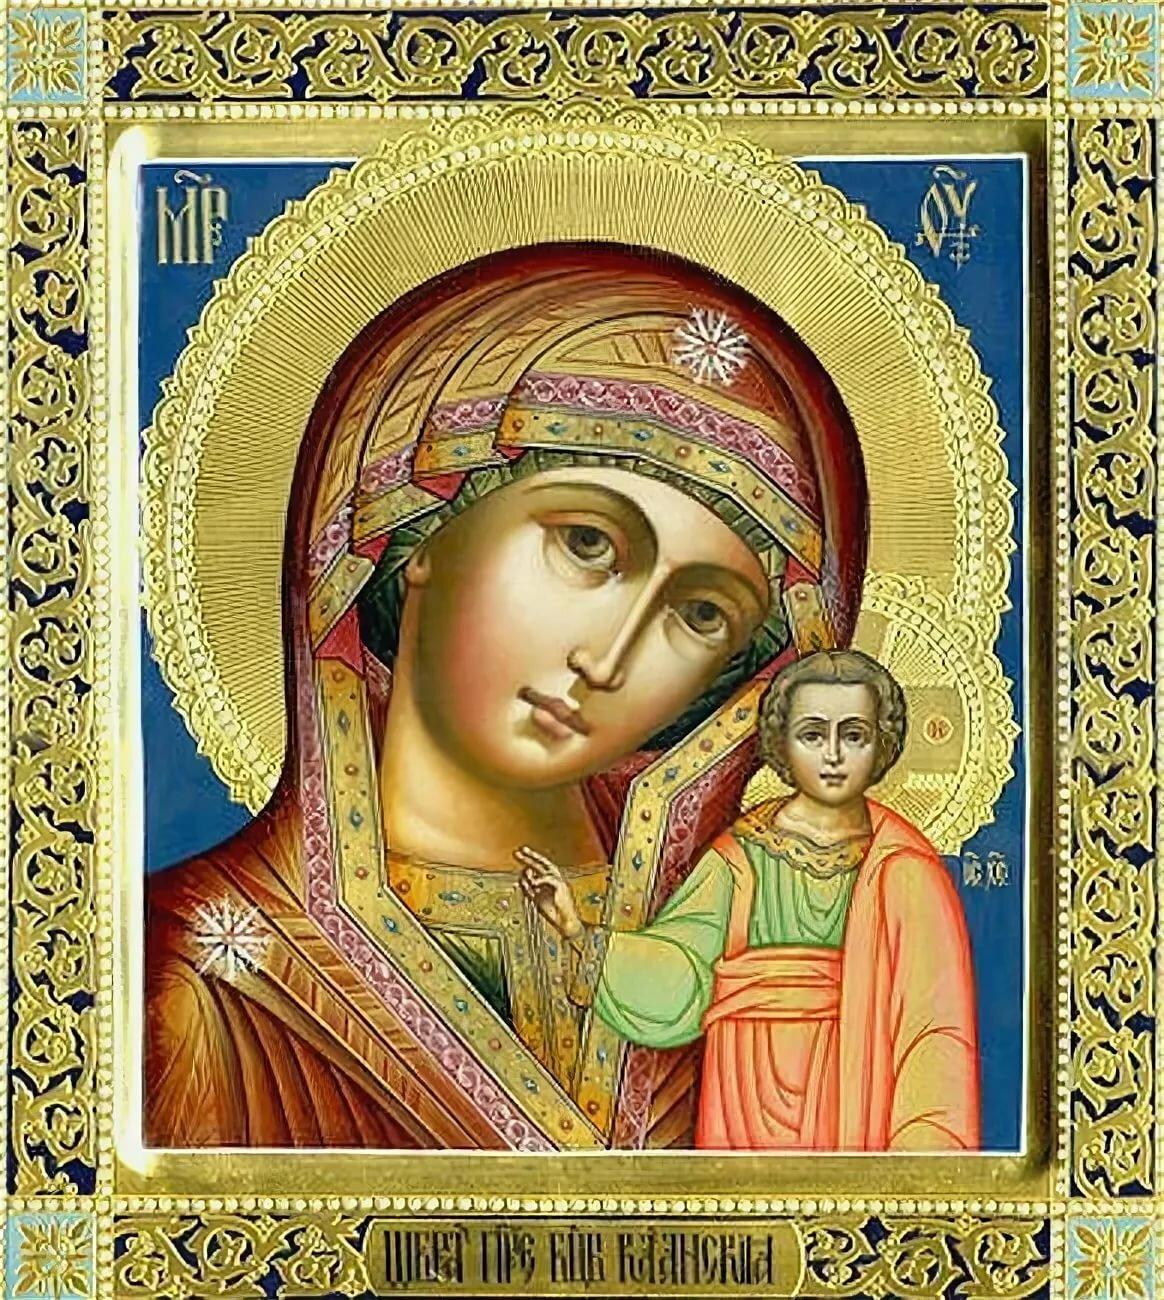 правила божья матерь казанская картинка фото люблю